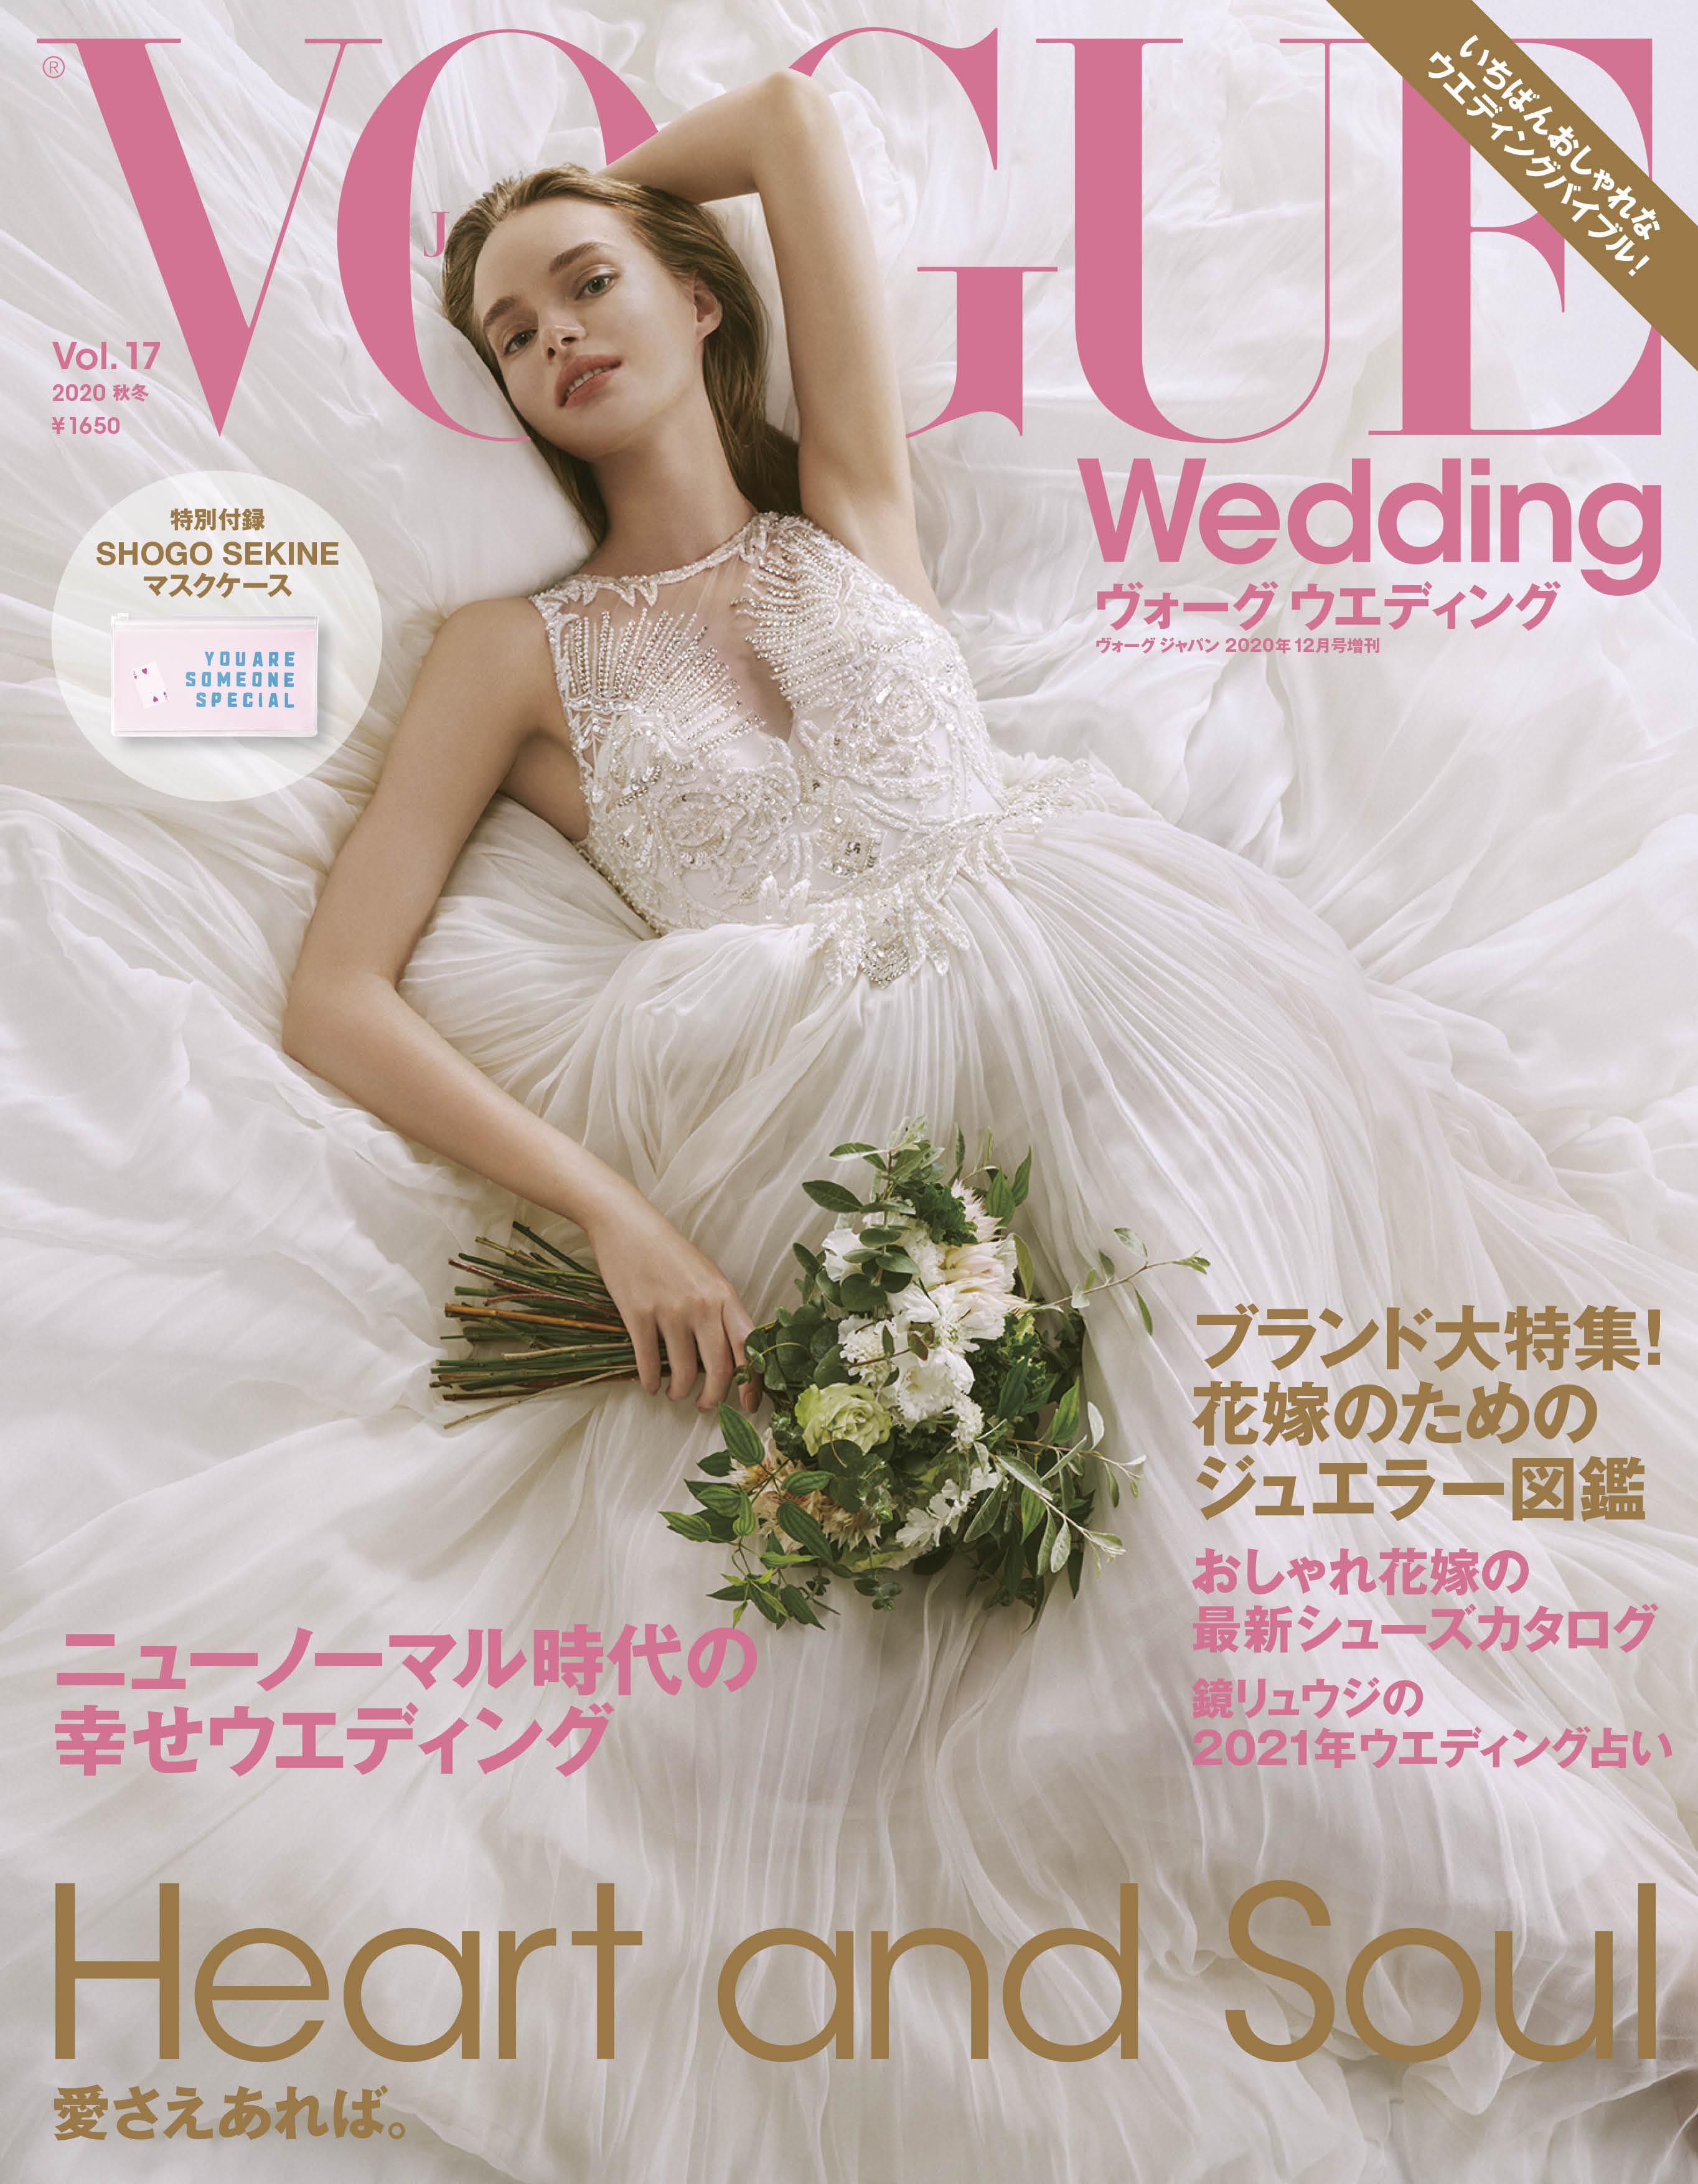 画像は、『VOGUE Wedding』Vol.17 2020年秋冬号(発売:コンデナスト・ジャパン)